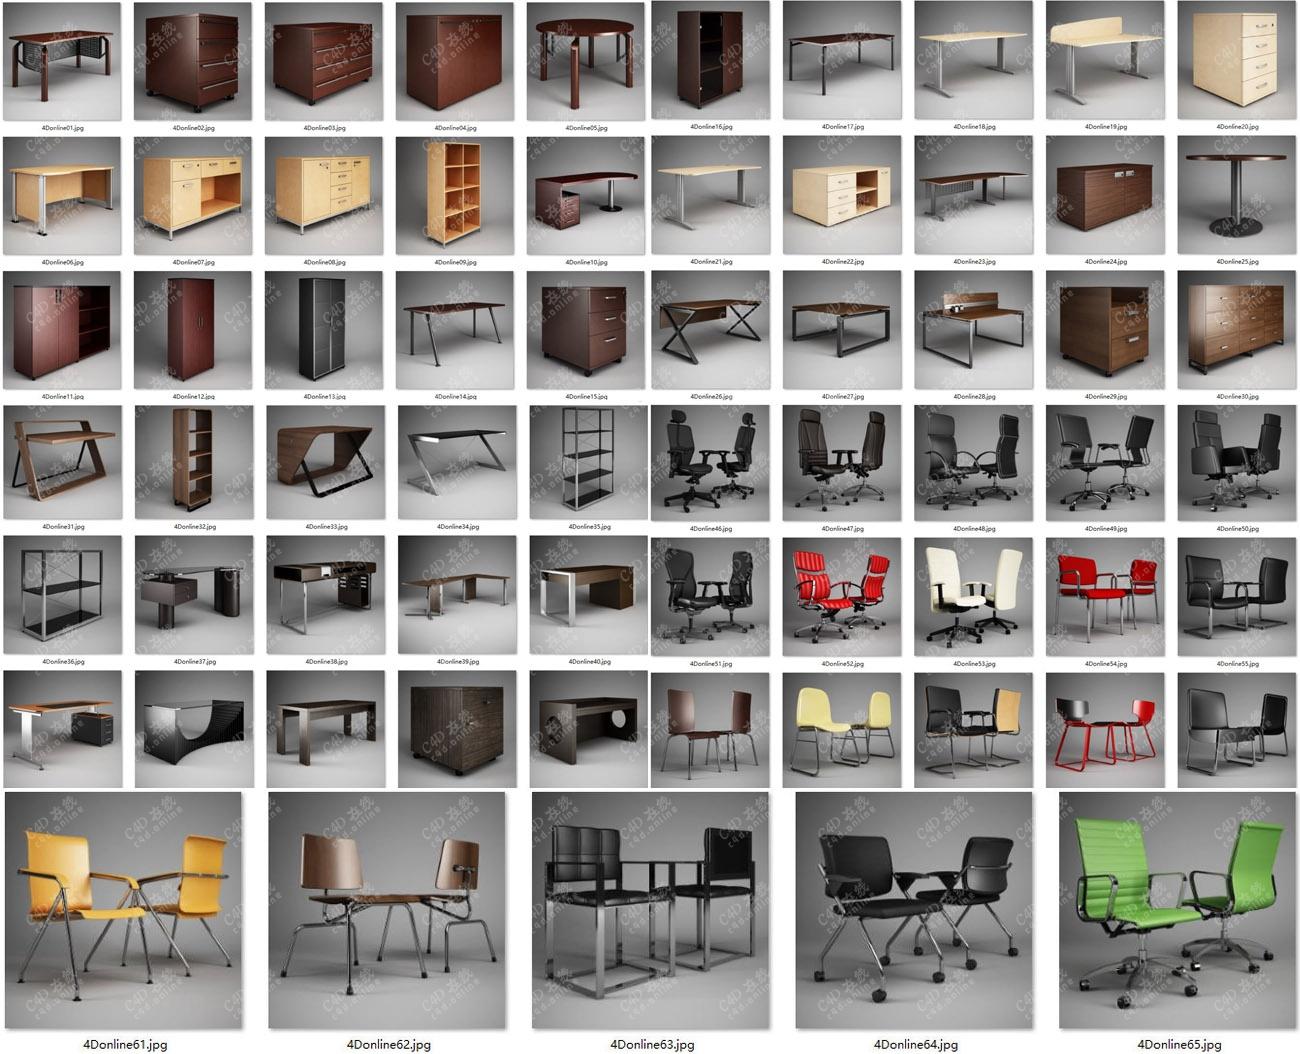 65组精品桌子椅子家具模型合集